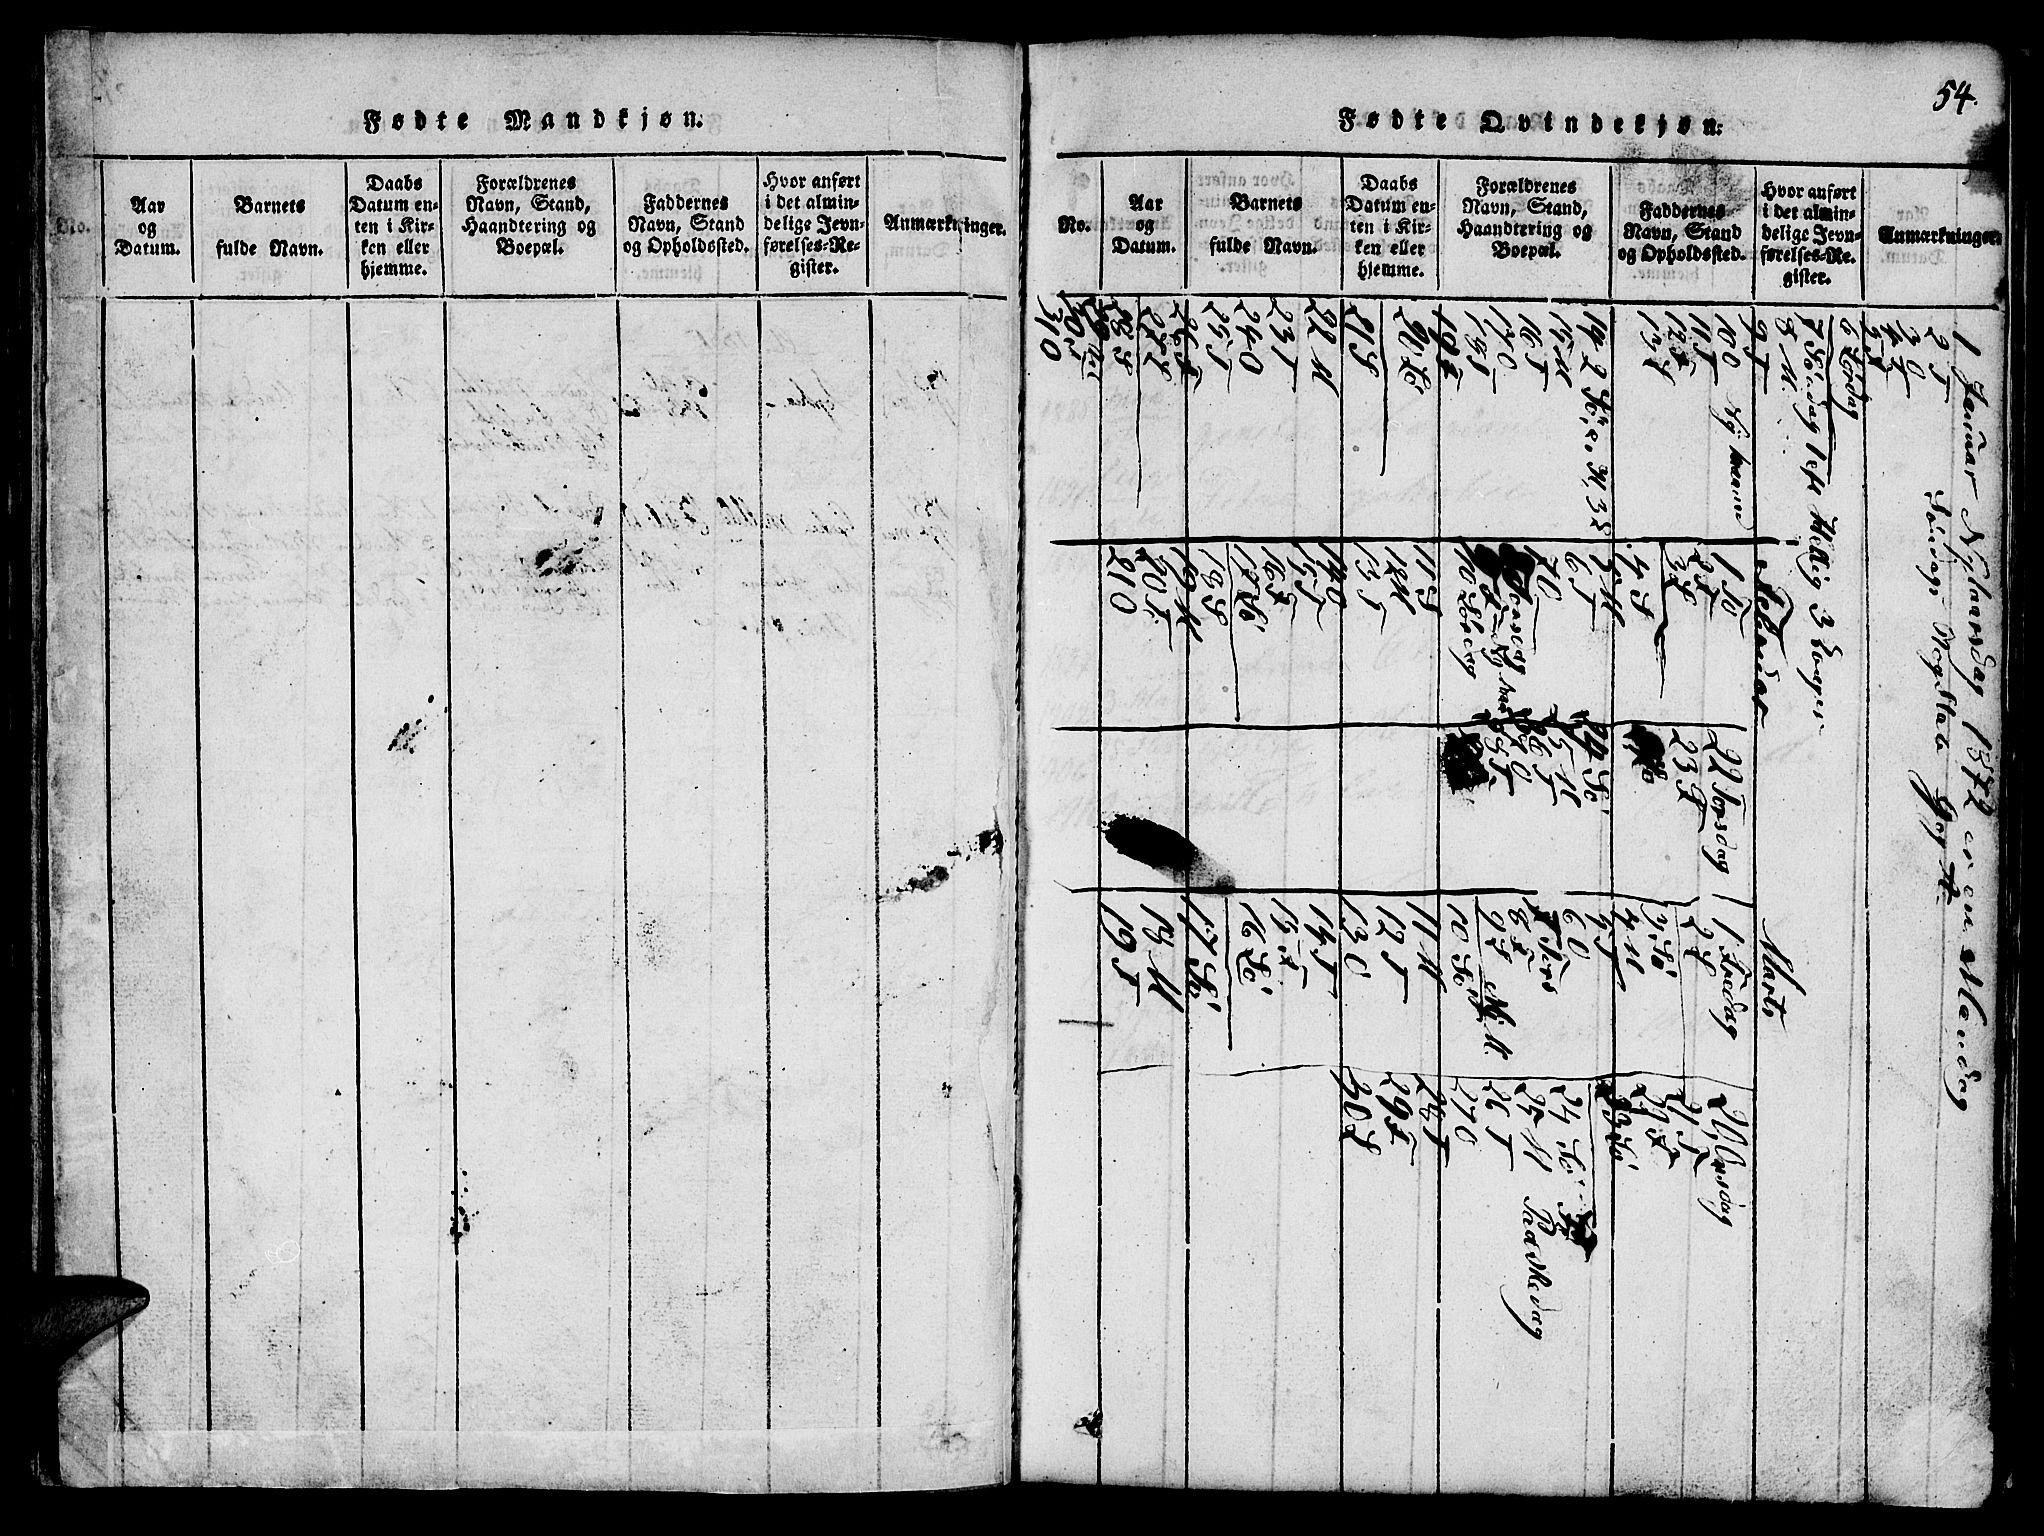 SAT, Ministerialprotokoller, klokkerbøker og fødselsregistre - Nord-Trøndelag, 765/L0562: Klokkerbok nr. 765C01, 1817-1851, s. 54